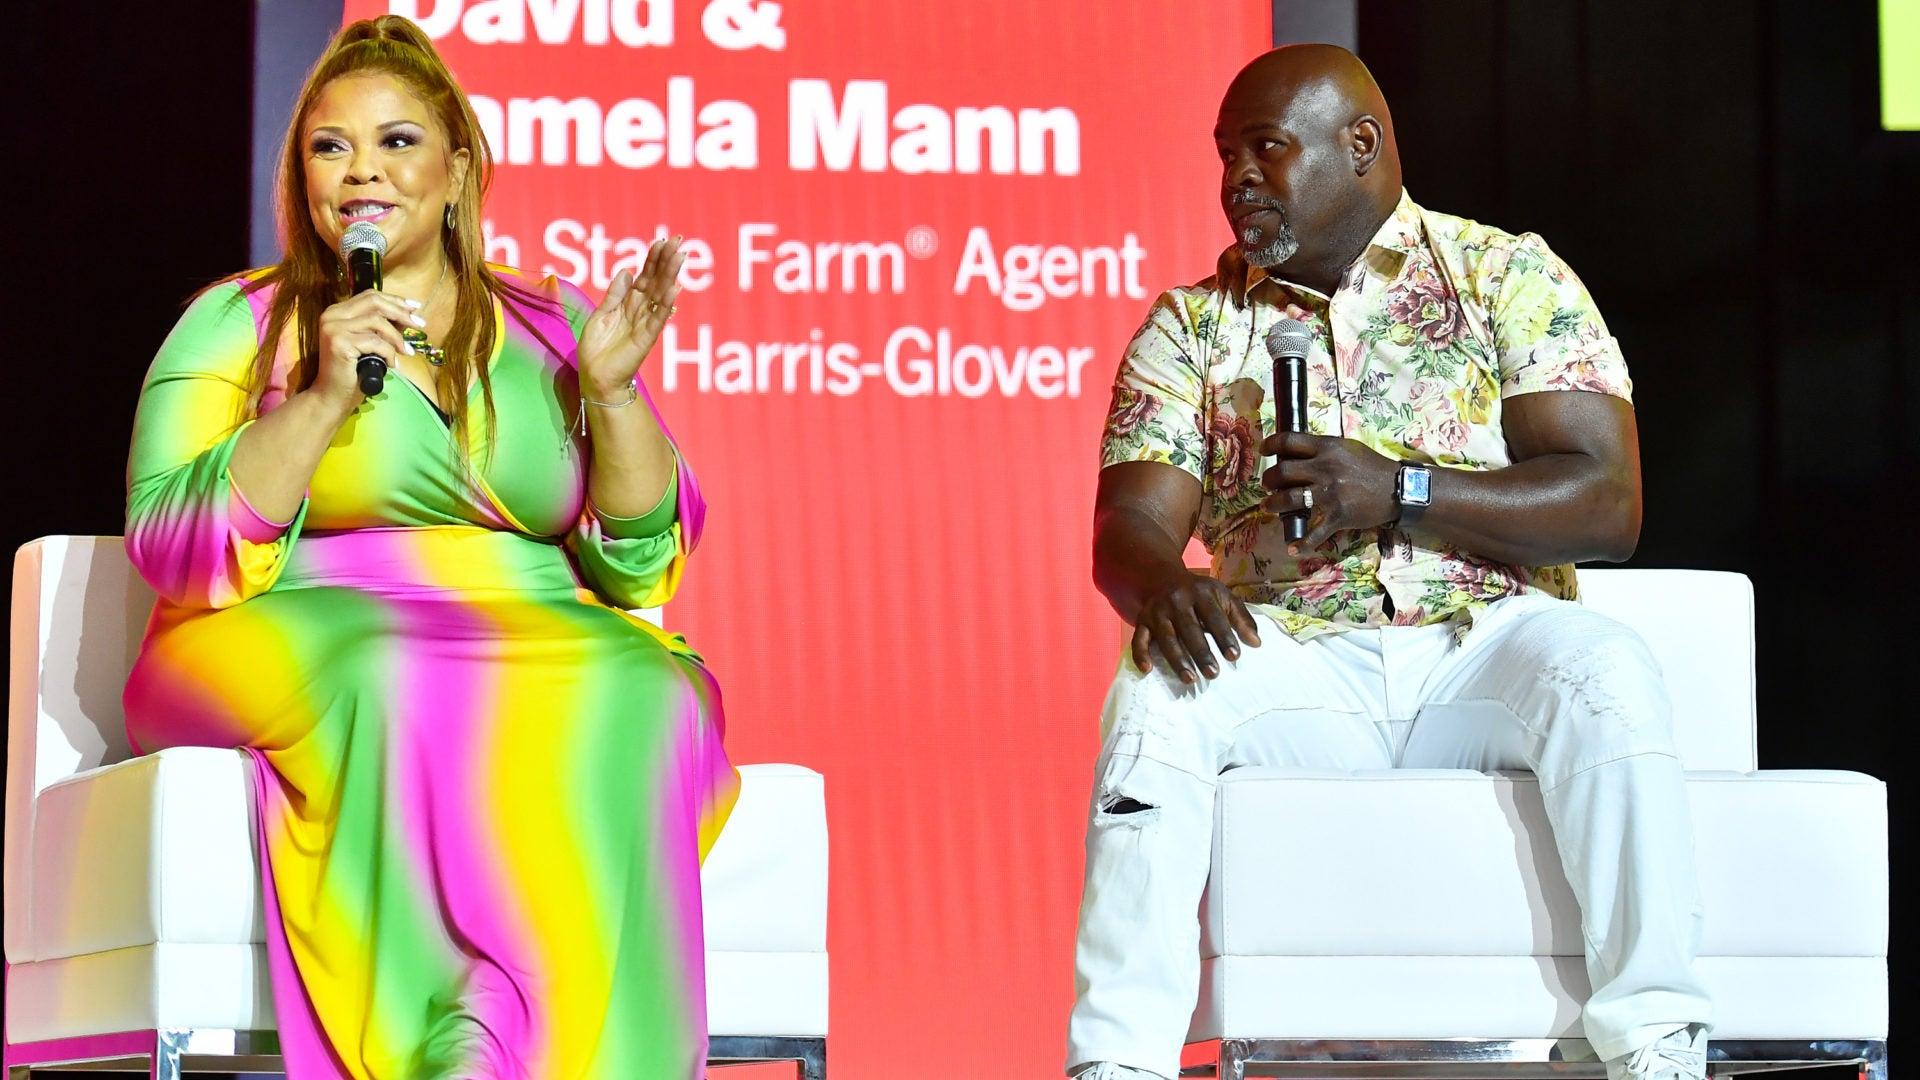 David And Tamela Mann Talk About Financial Wellness